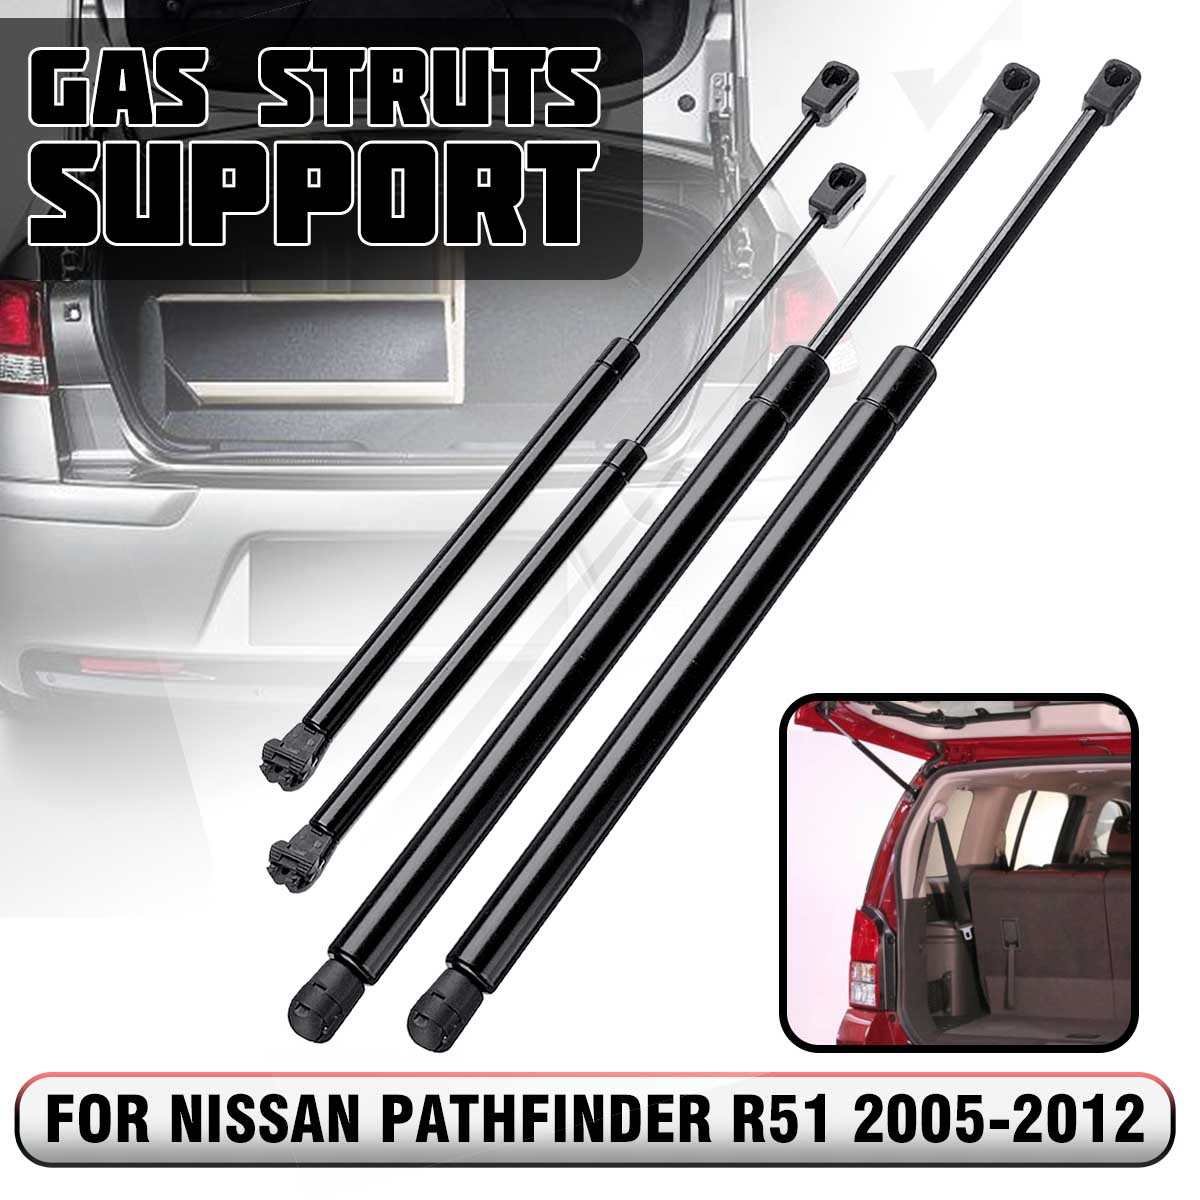 4 pièces Lunette arrière Hayon Botte Vérins À Gaz Barre de Support Pour Nissan Pathfinder R51 2005 2006 2007 2008 2009 2010 2011 2012